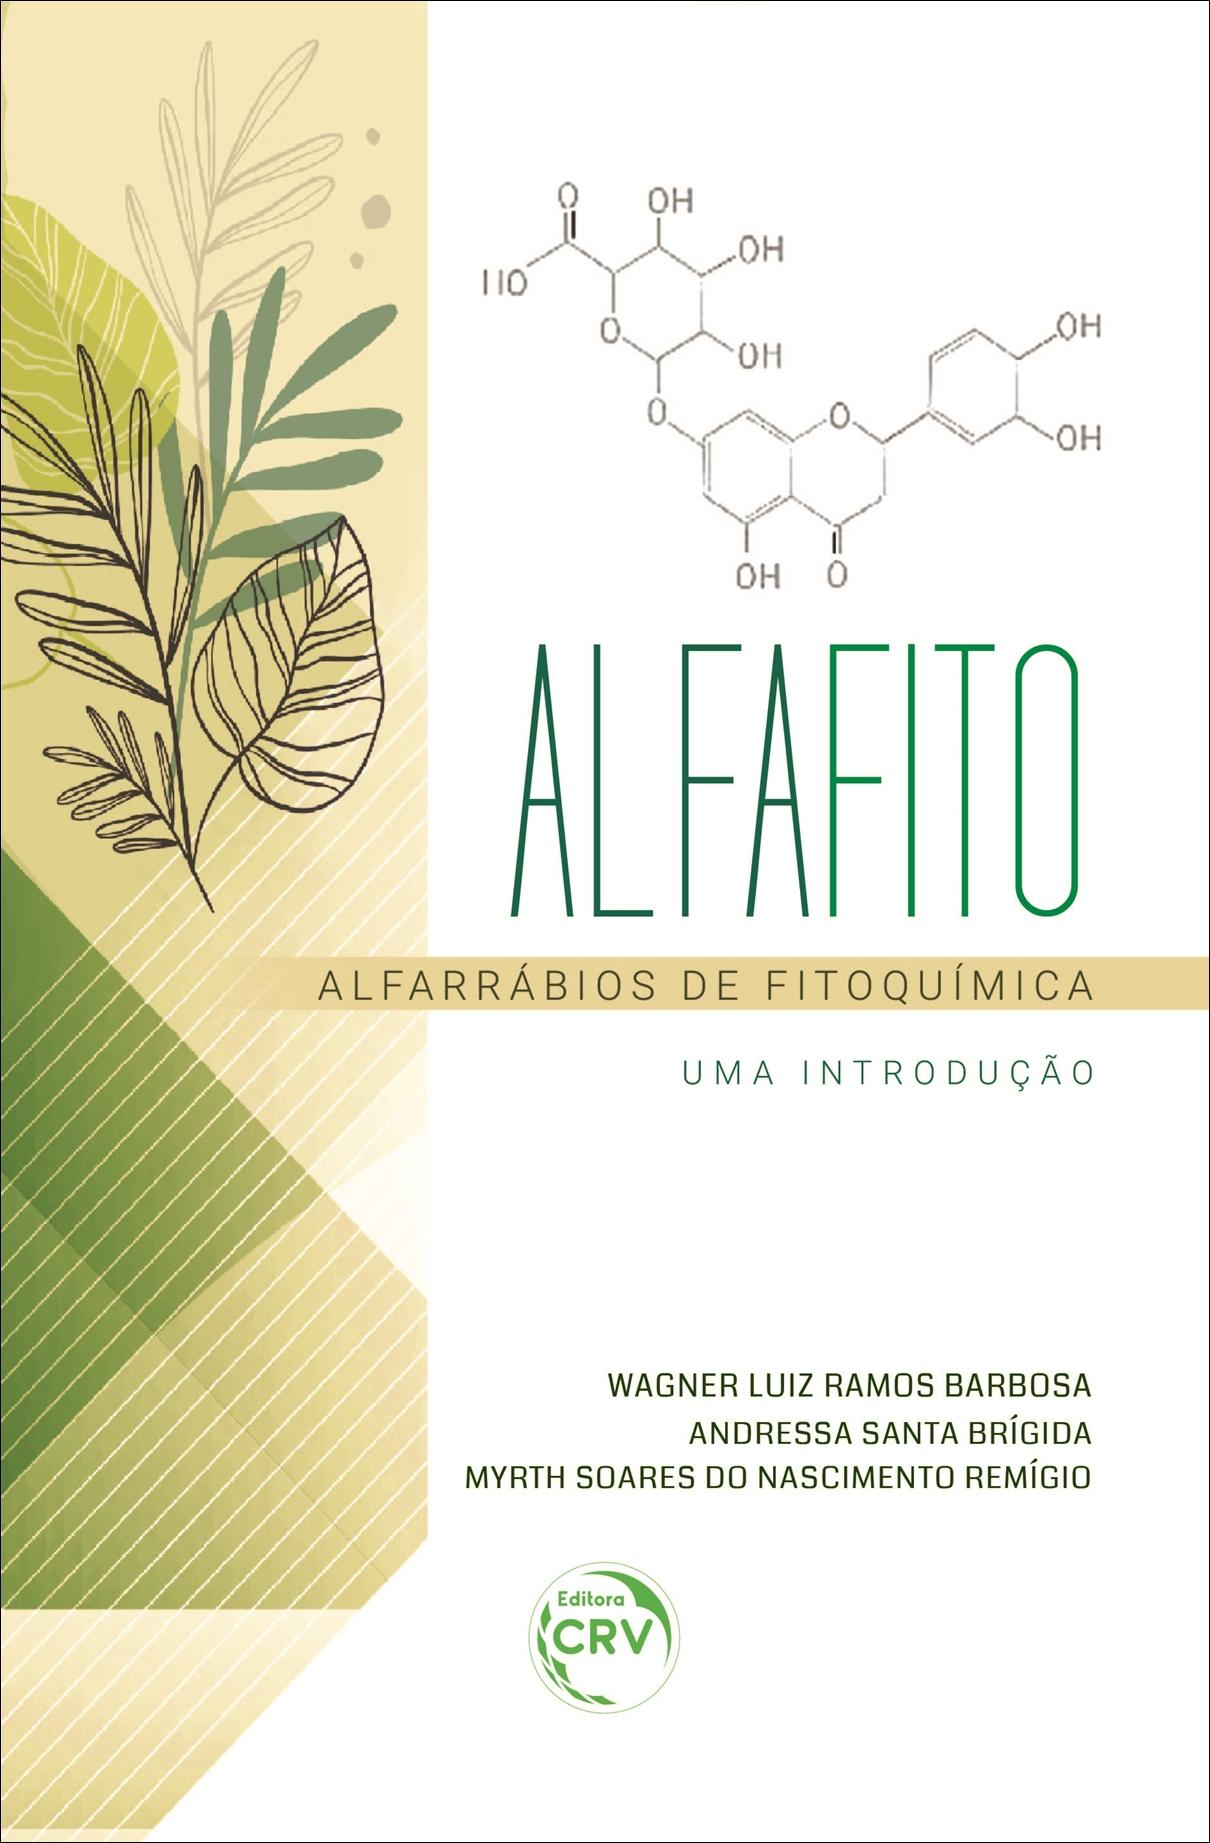 Capa do livro: ALFAFITO:<br> Alfarrábios de fitoquímica (uma introdução)